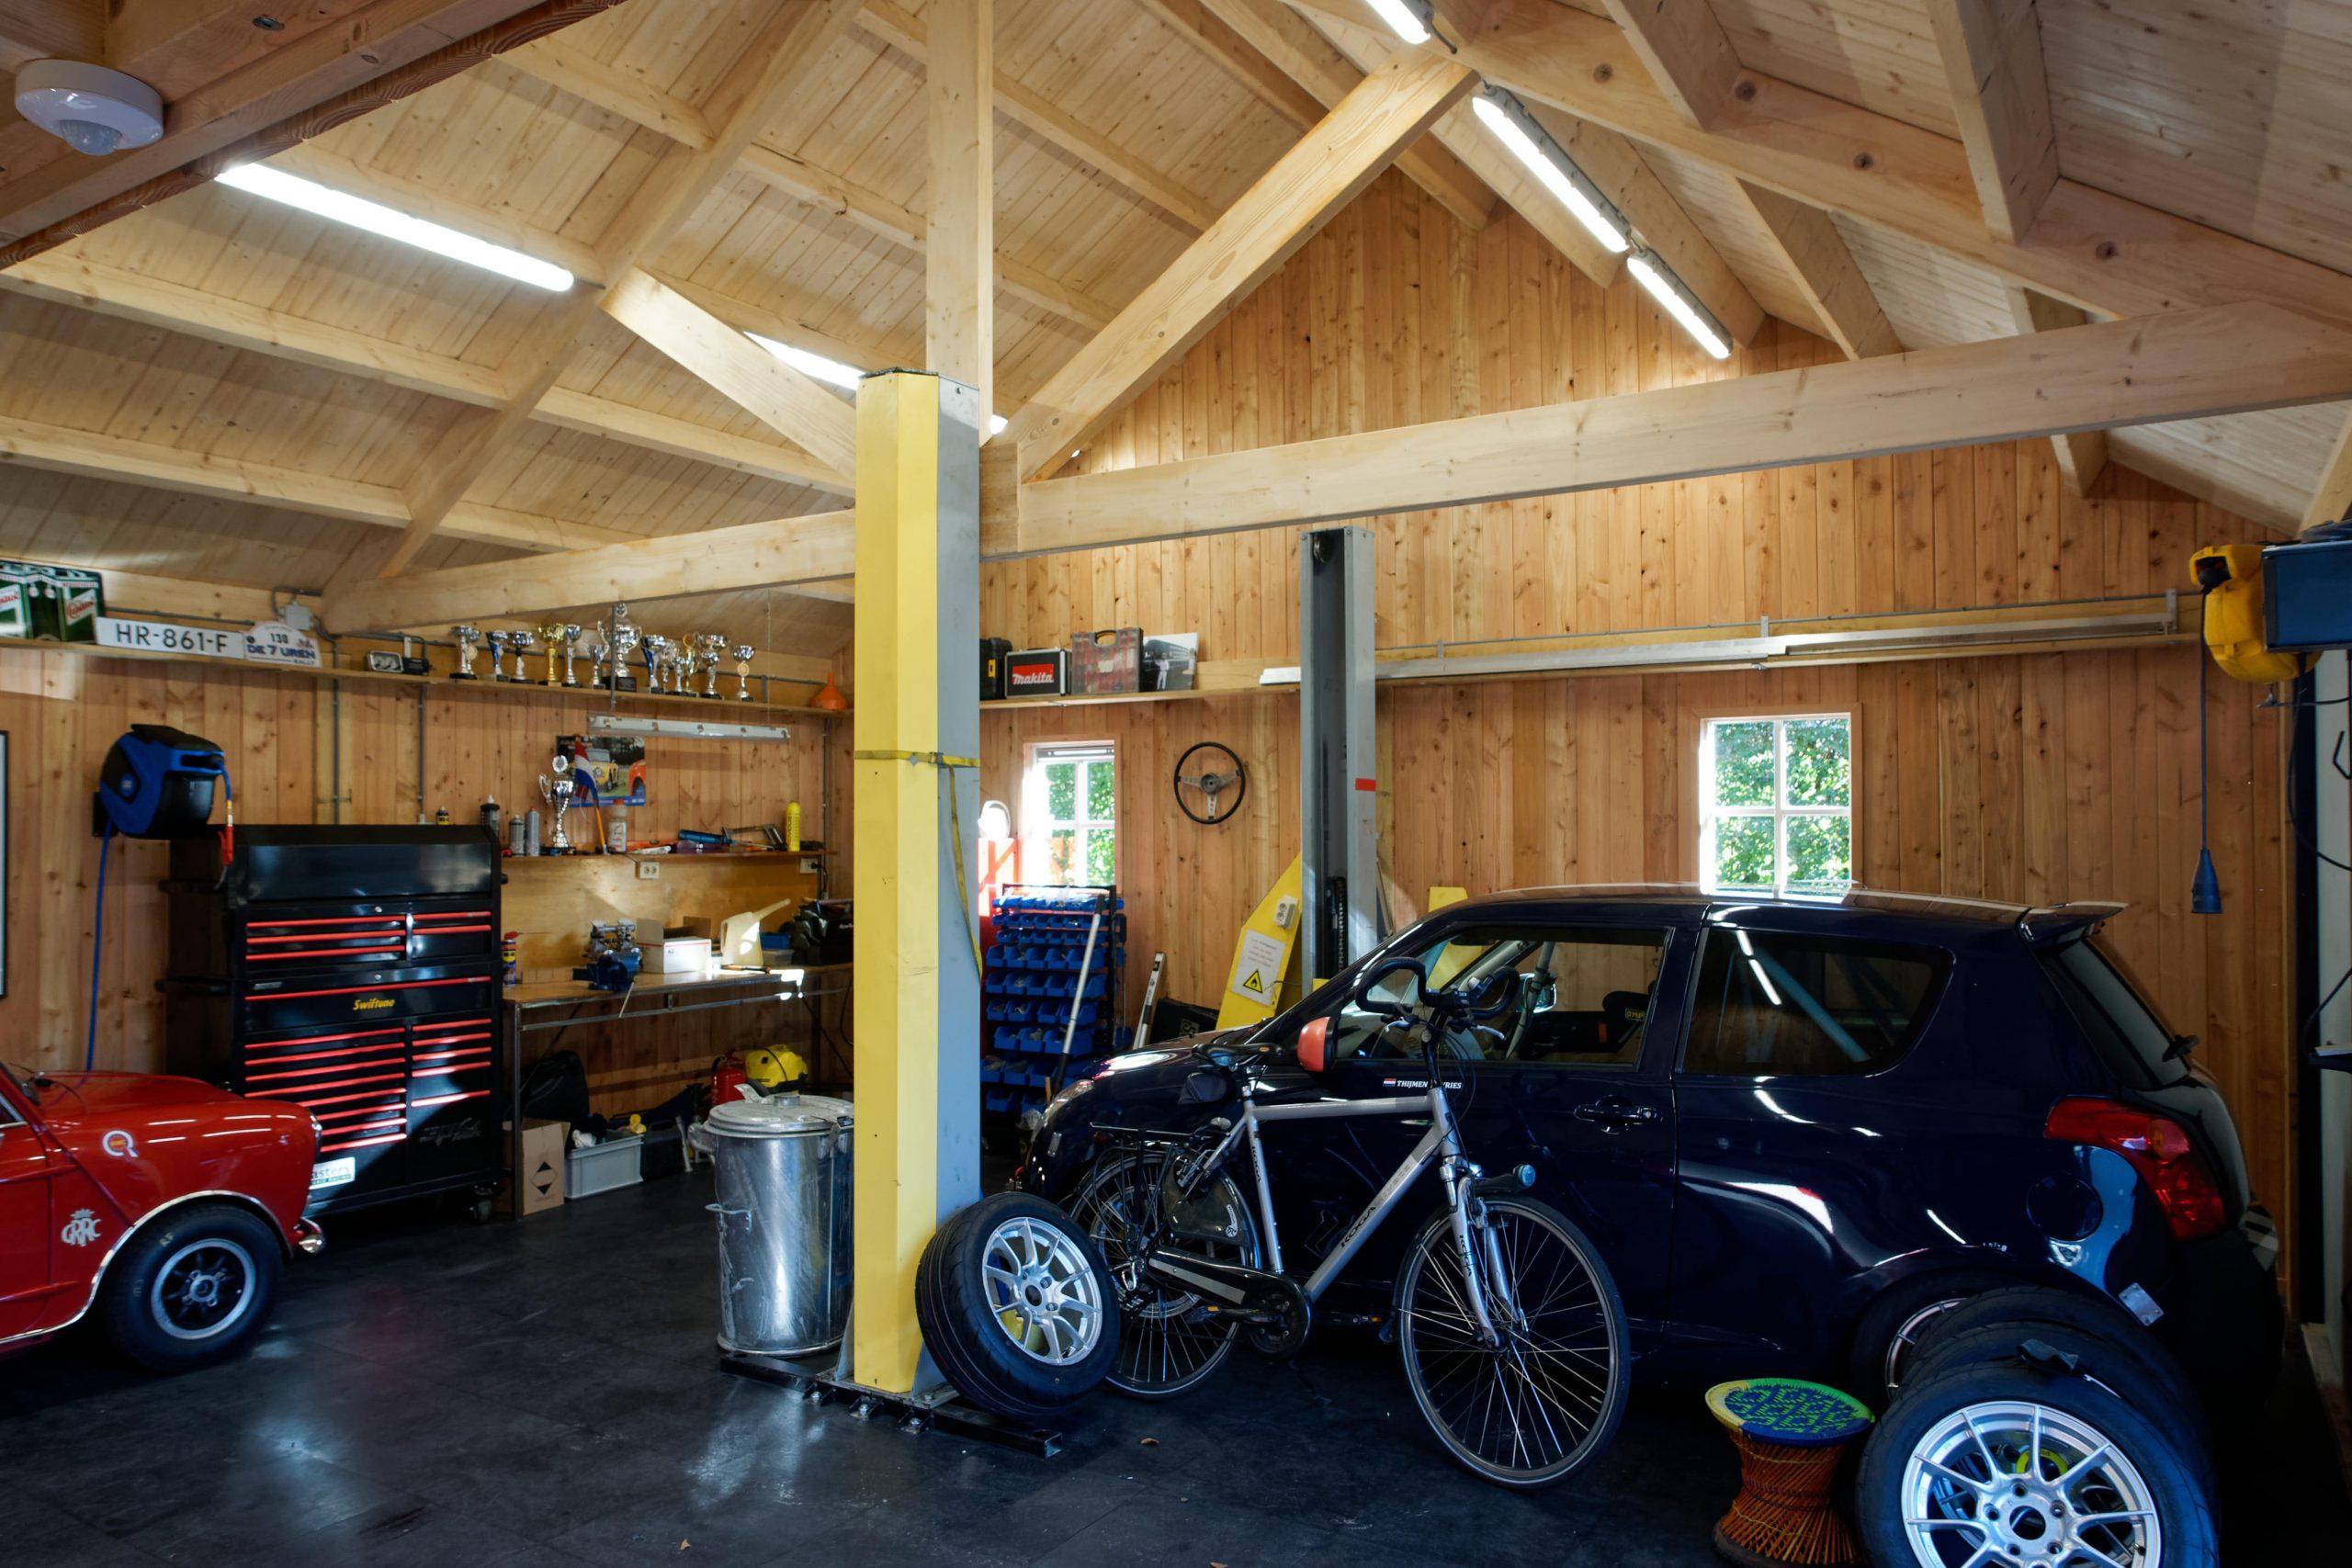 houten-garage-met-zonnepanelen-4-scaled -